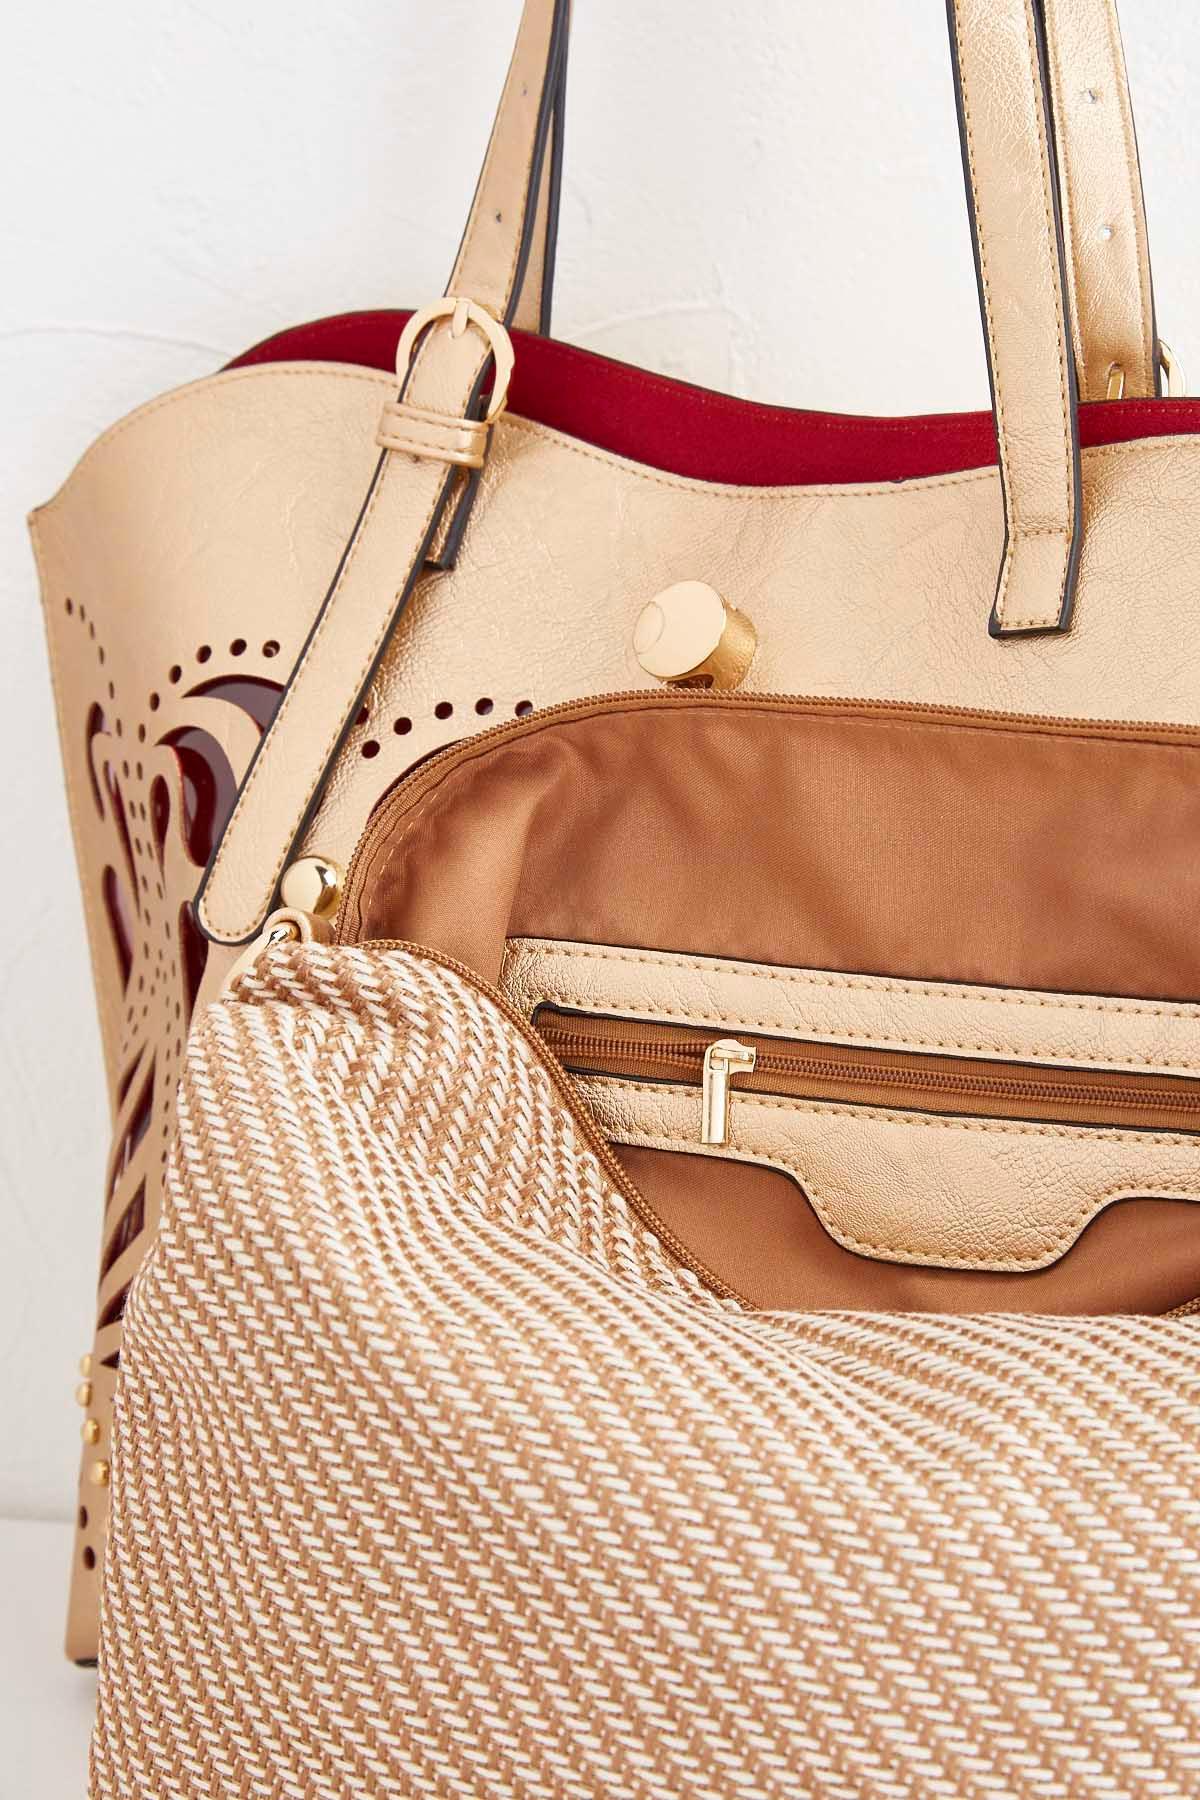 Cutout Bag In Bag Tote